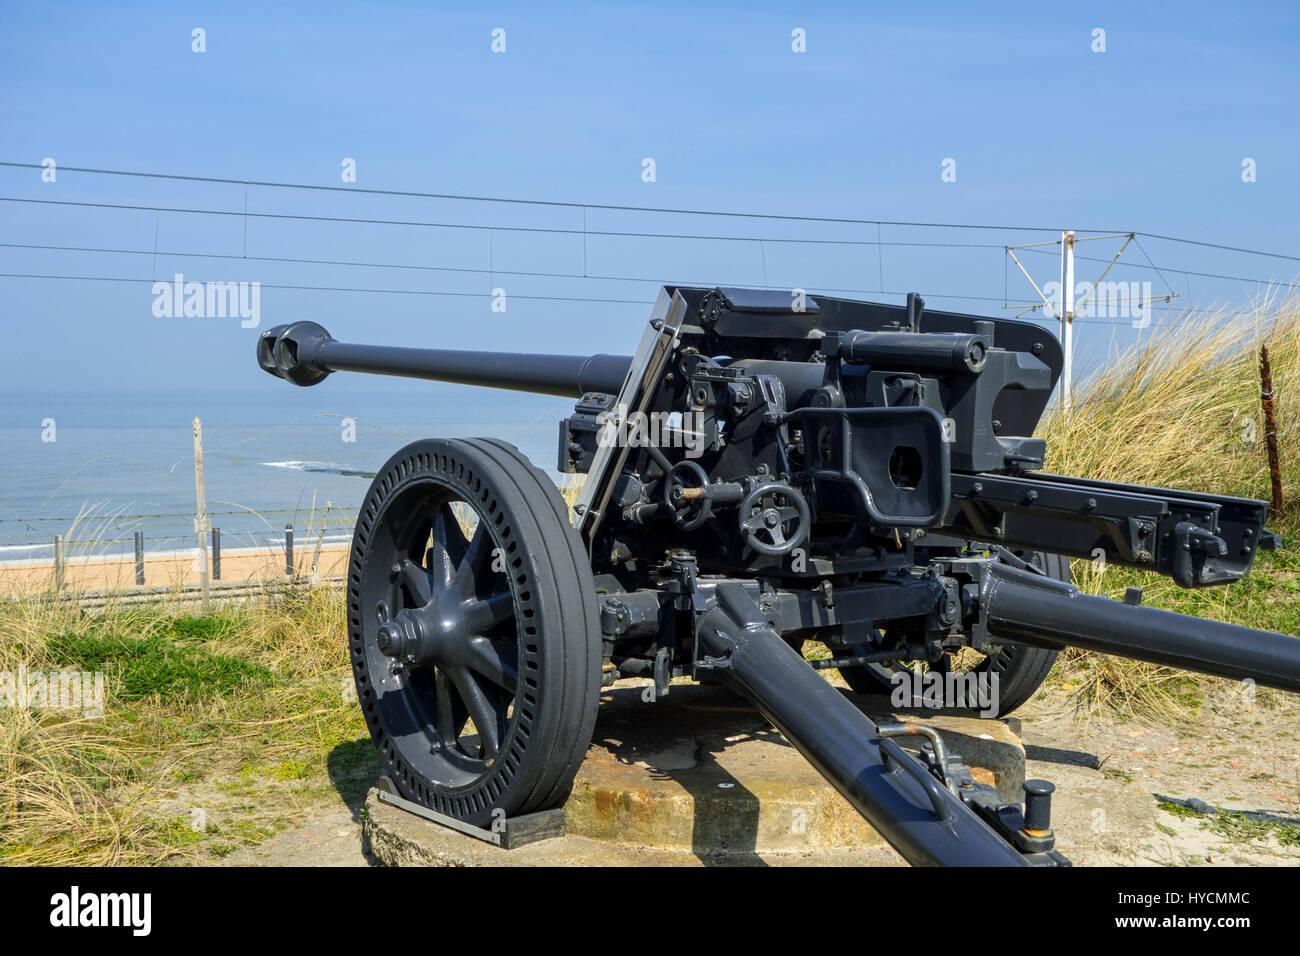 German 50 Mm Anti Tank Gun: German World War II Pak 40 75 Mm Anti-tank Gun At